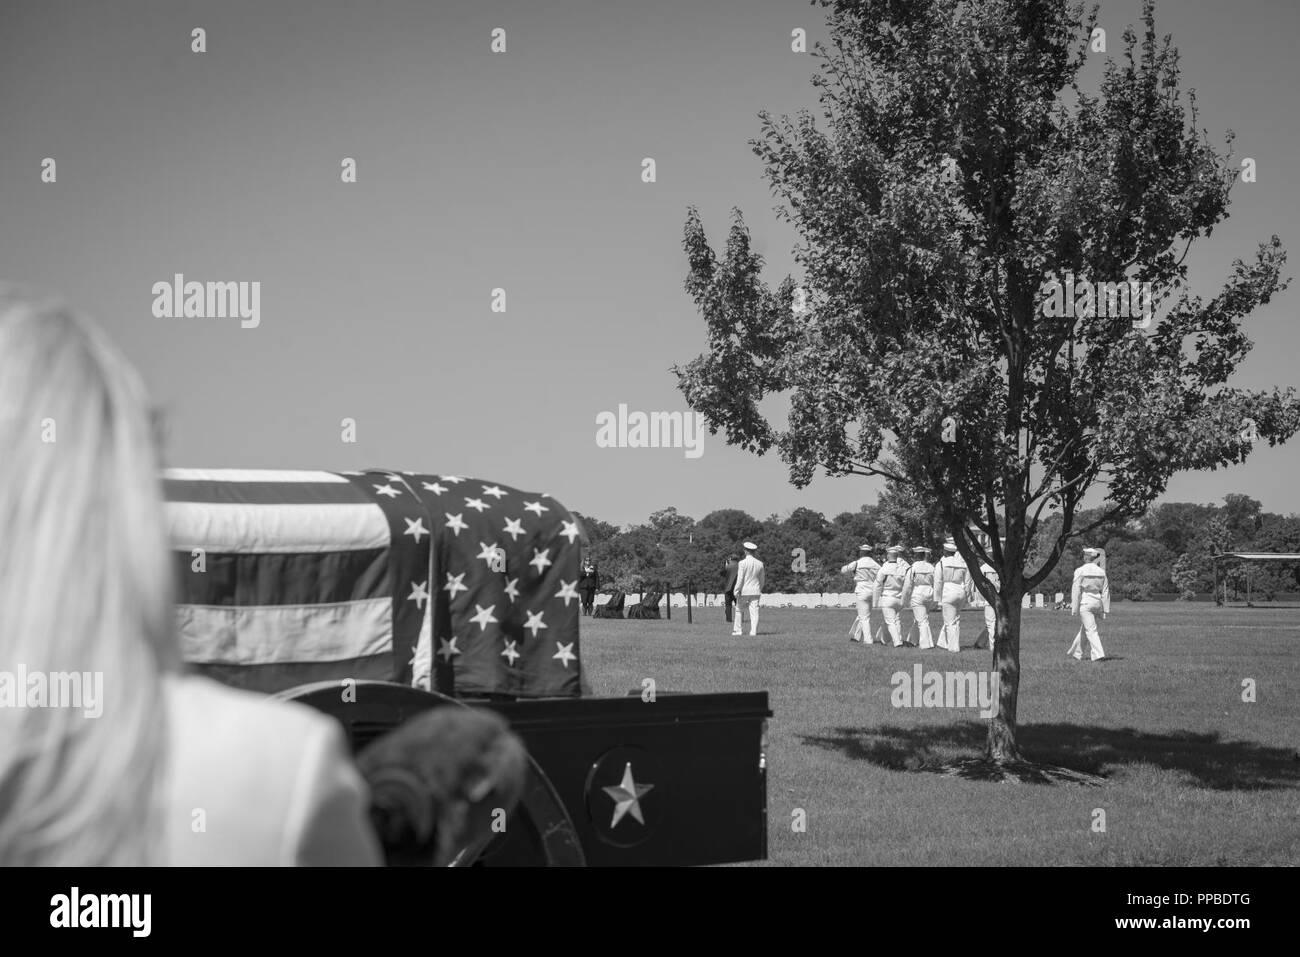 La Marina estadounidense guardia ceremonial, La Marina de Estados Unidos, Banda, y el Regimiento de la infantería de 3d los E.E.U.U. (la vieja guardia) Pelotón casetones conducta todos los honores funerarios El Teniente Comandante de la Marina de los Estados Unidos William Liebenow en la sección 62 del Cementerio Nacional de Arlington, Arlington, Virginia, 23 de agosto de 2018. El 7 de agosto de 1943, una patrulla patroneado Liebenow barco torpedo para rescatar a los marineros de PT-109 que habían sobrevivido a varios días en inhóspitas islas tras un destructor japonés había embestido su barco, matando a dos miembros de la tripulación. Entre las personas rescatadas fue la bunkmate Liebenow, John F. Kennedy, entonces de 26. Por sus actos de heroísmo durante Wor Foto de stock